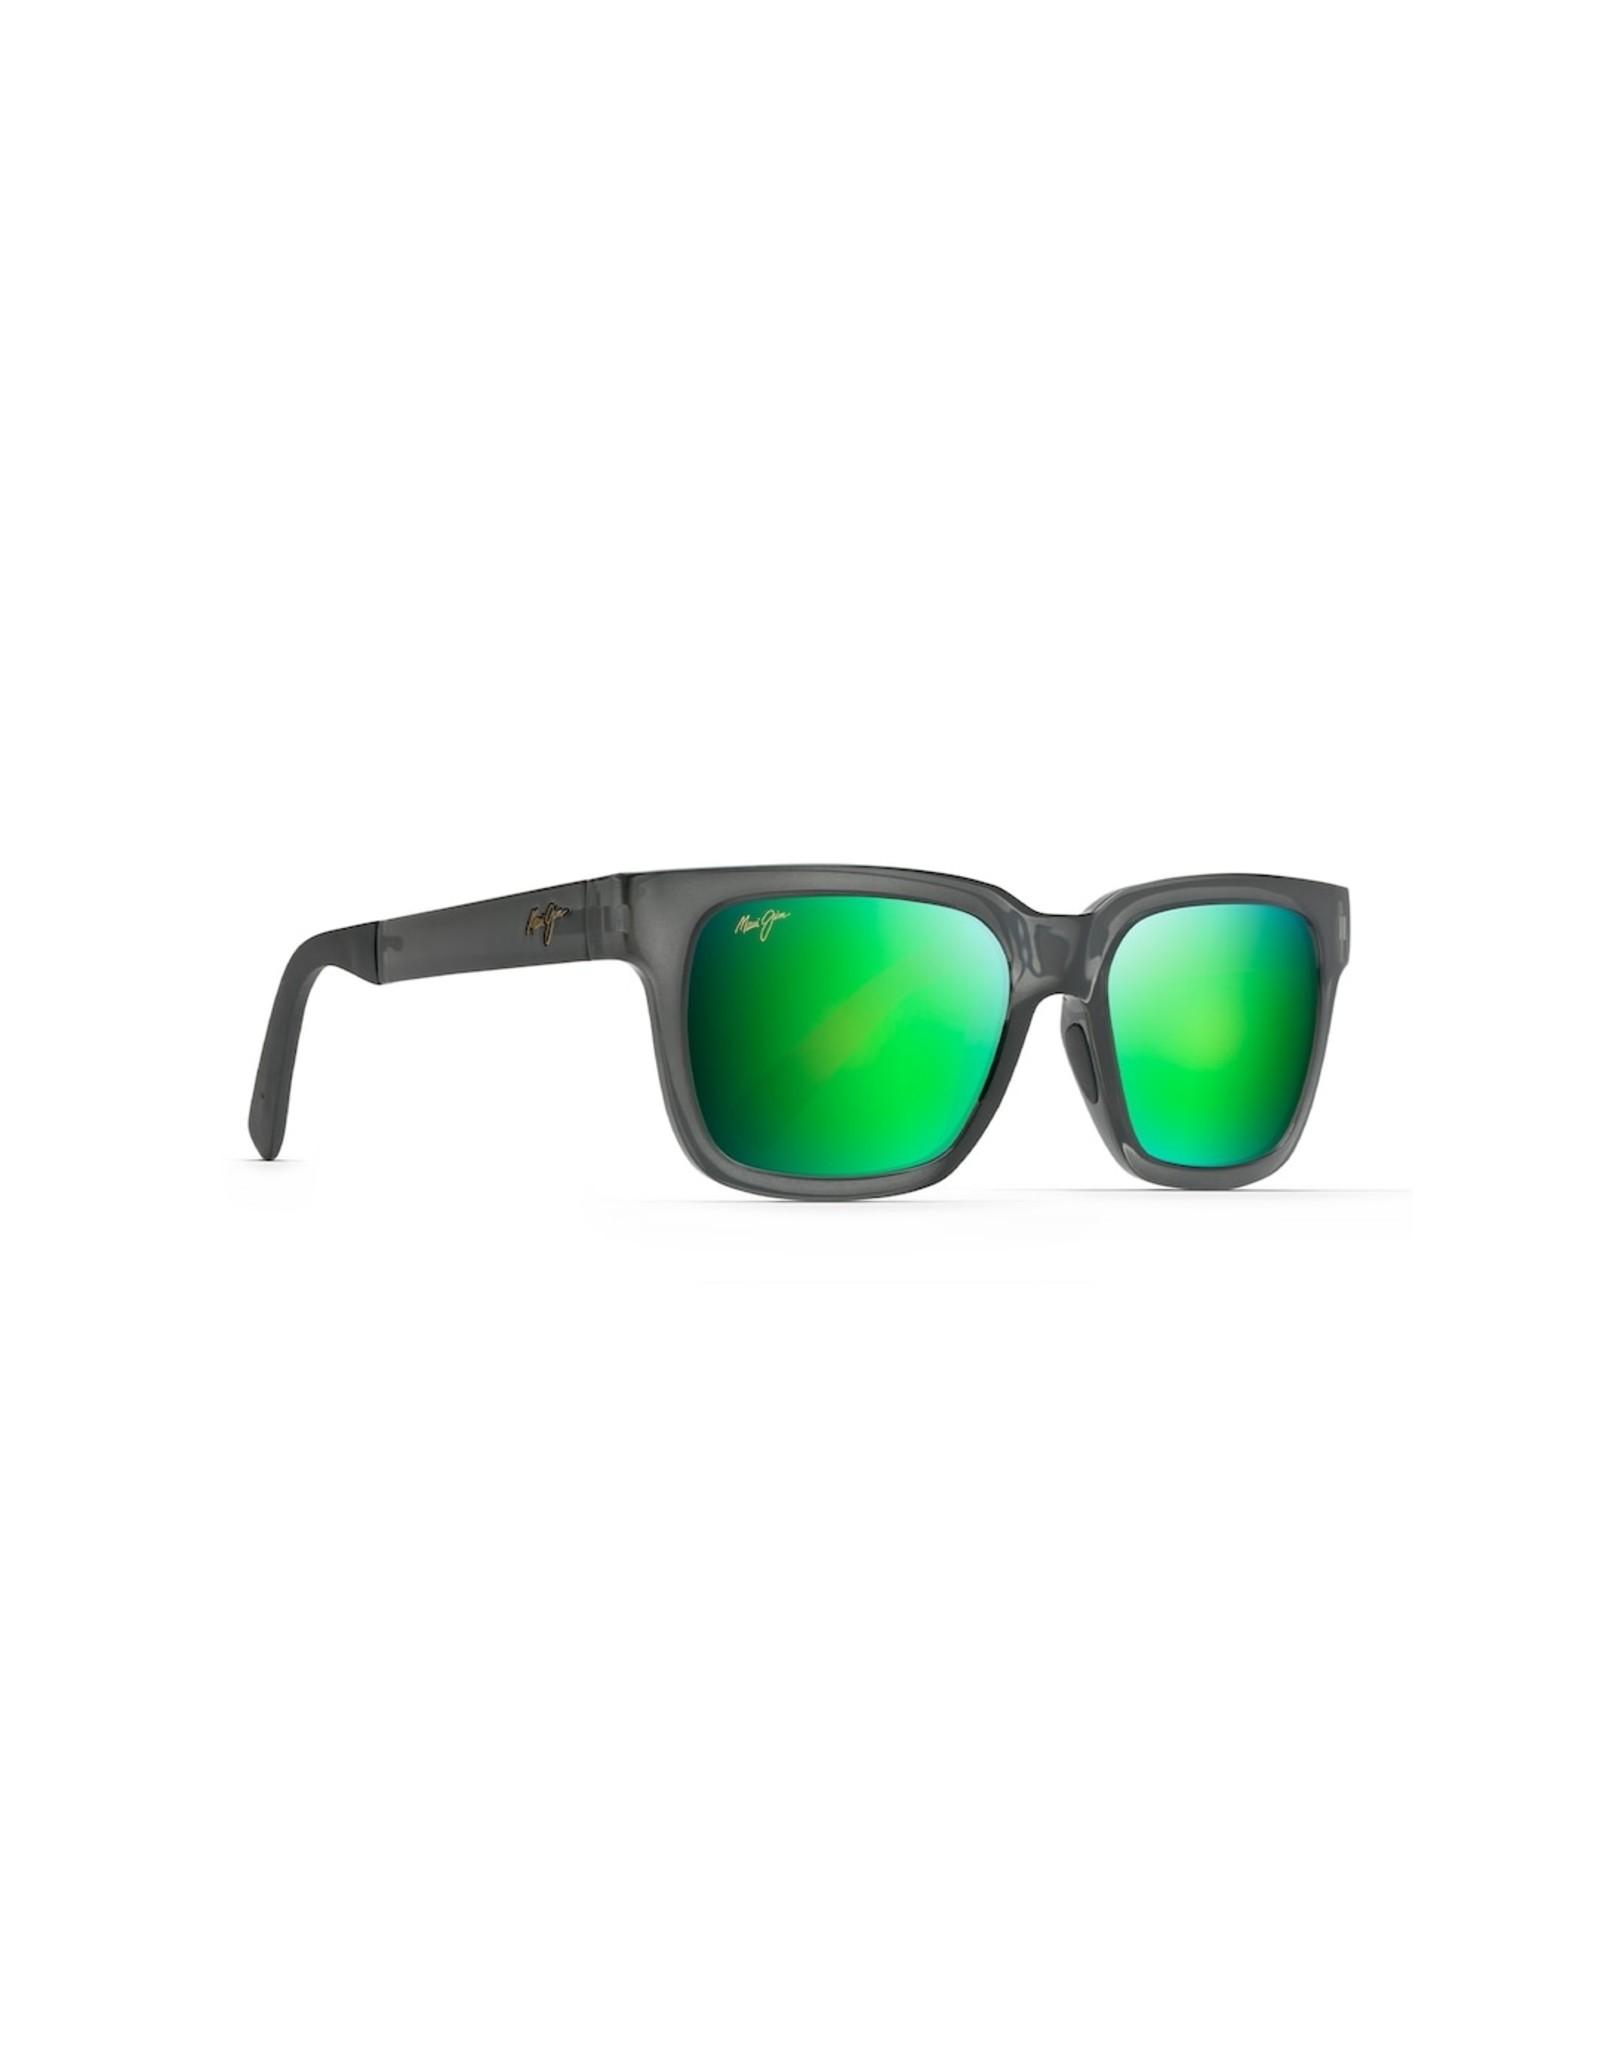 Maui Jim Maui Jim 'Mongoose' Sunglasses